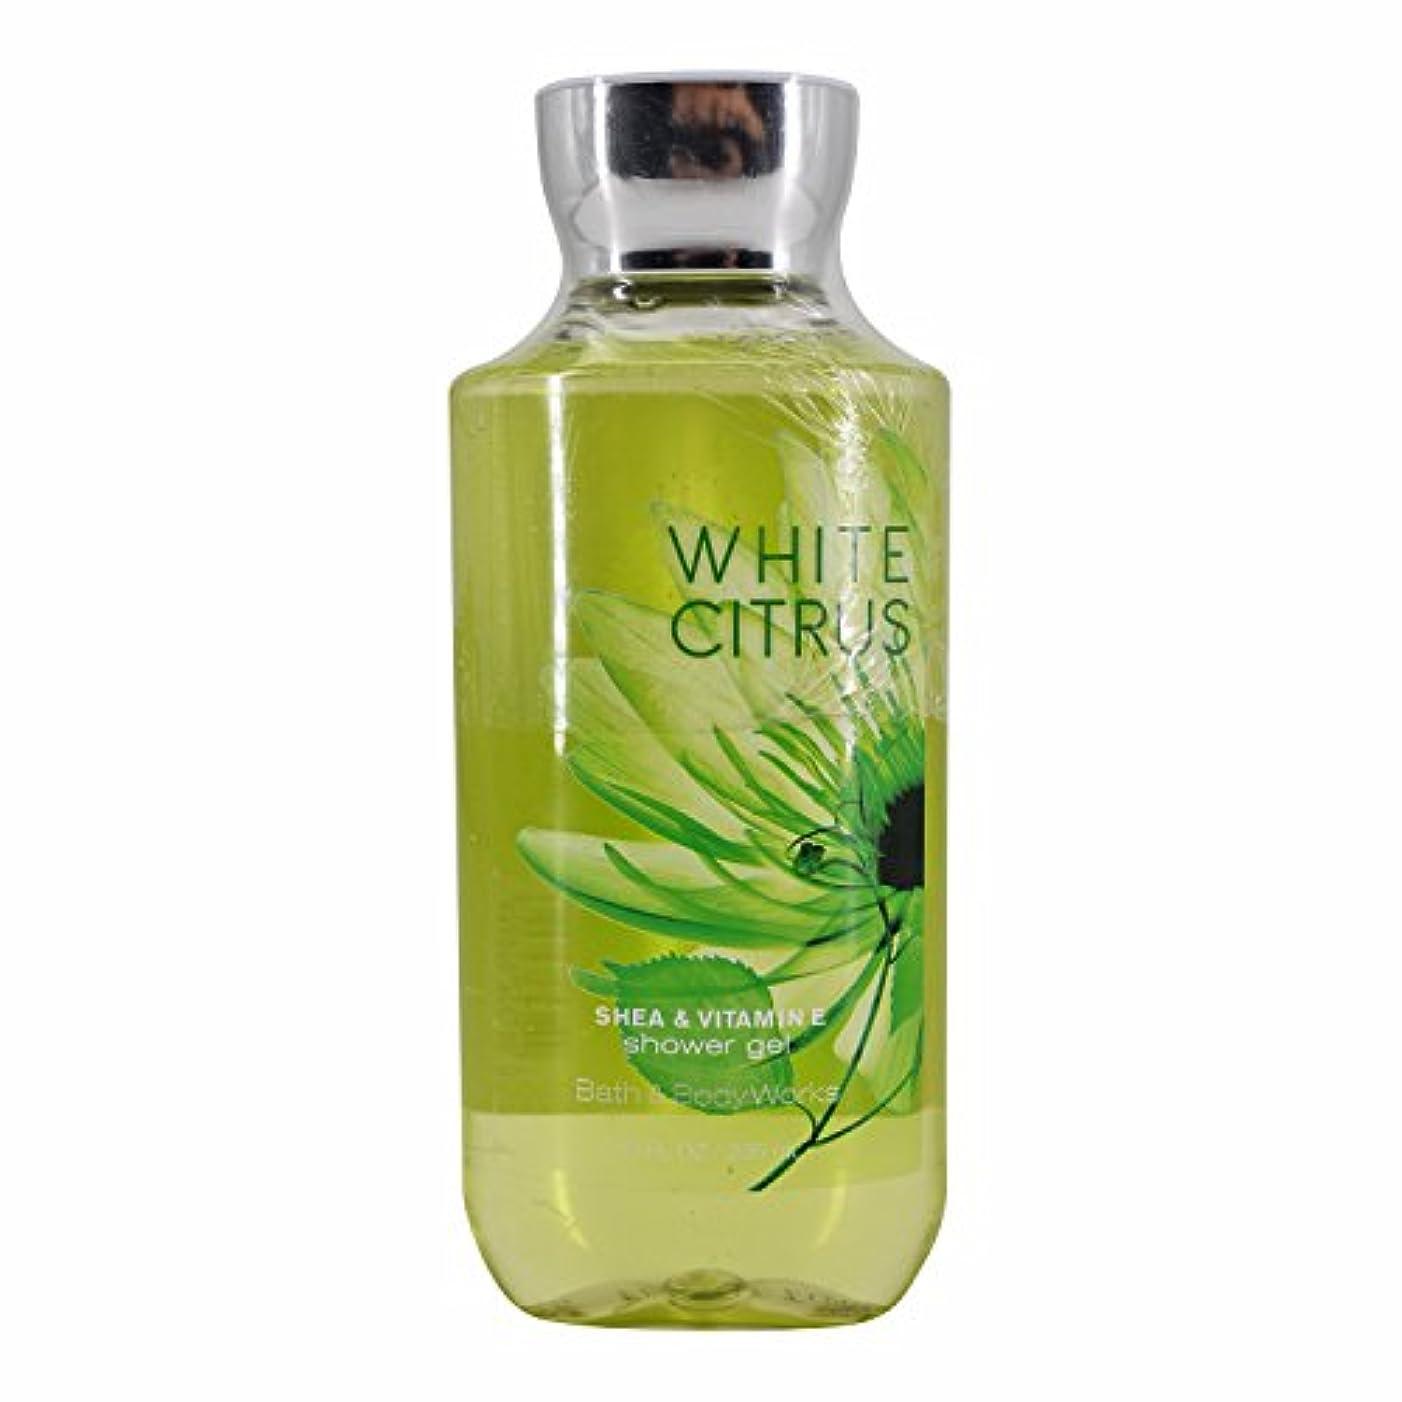 海峡バーベキュー機械的にバス&ボディワークス ホワイトシトラス シャワージェル White Citrus Shea & Vitamin-E Shower Gel